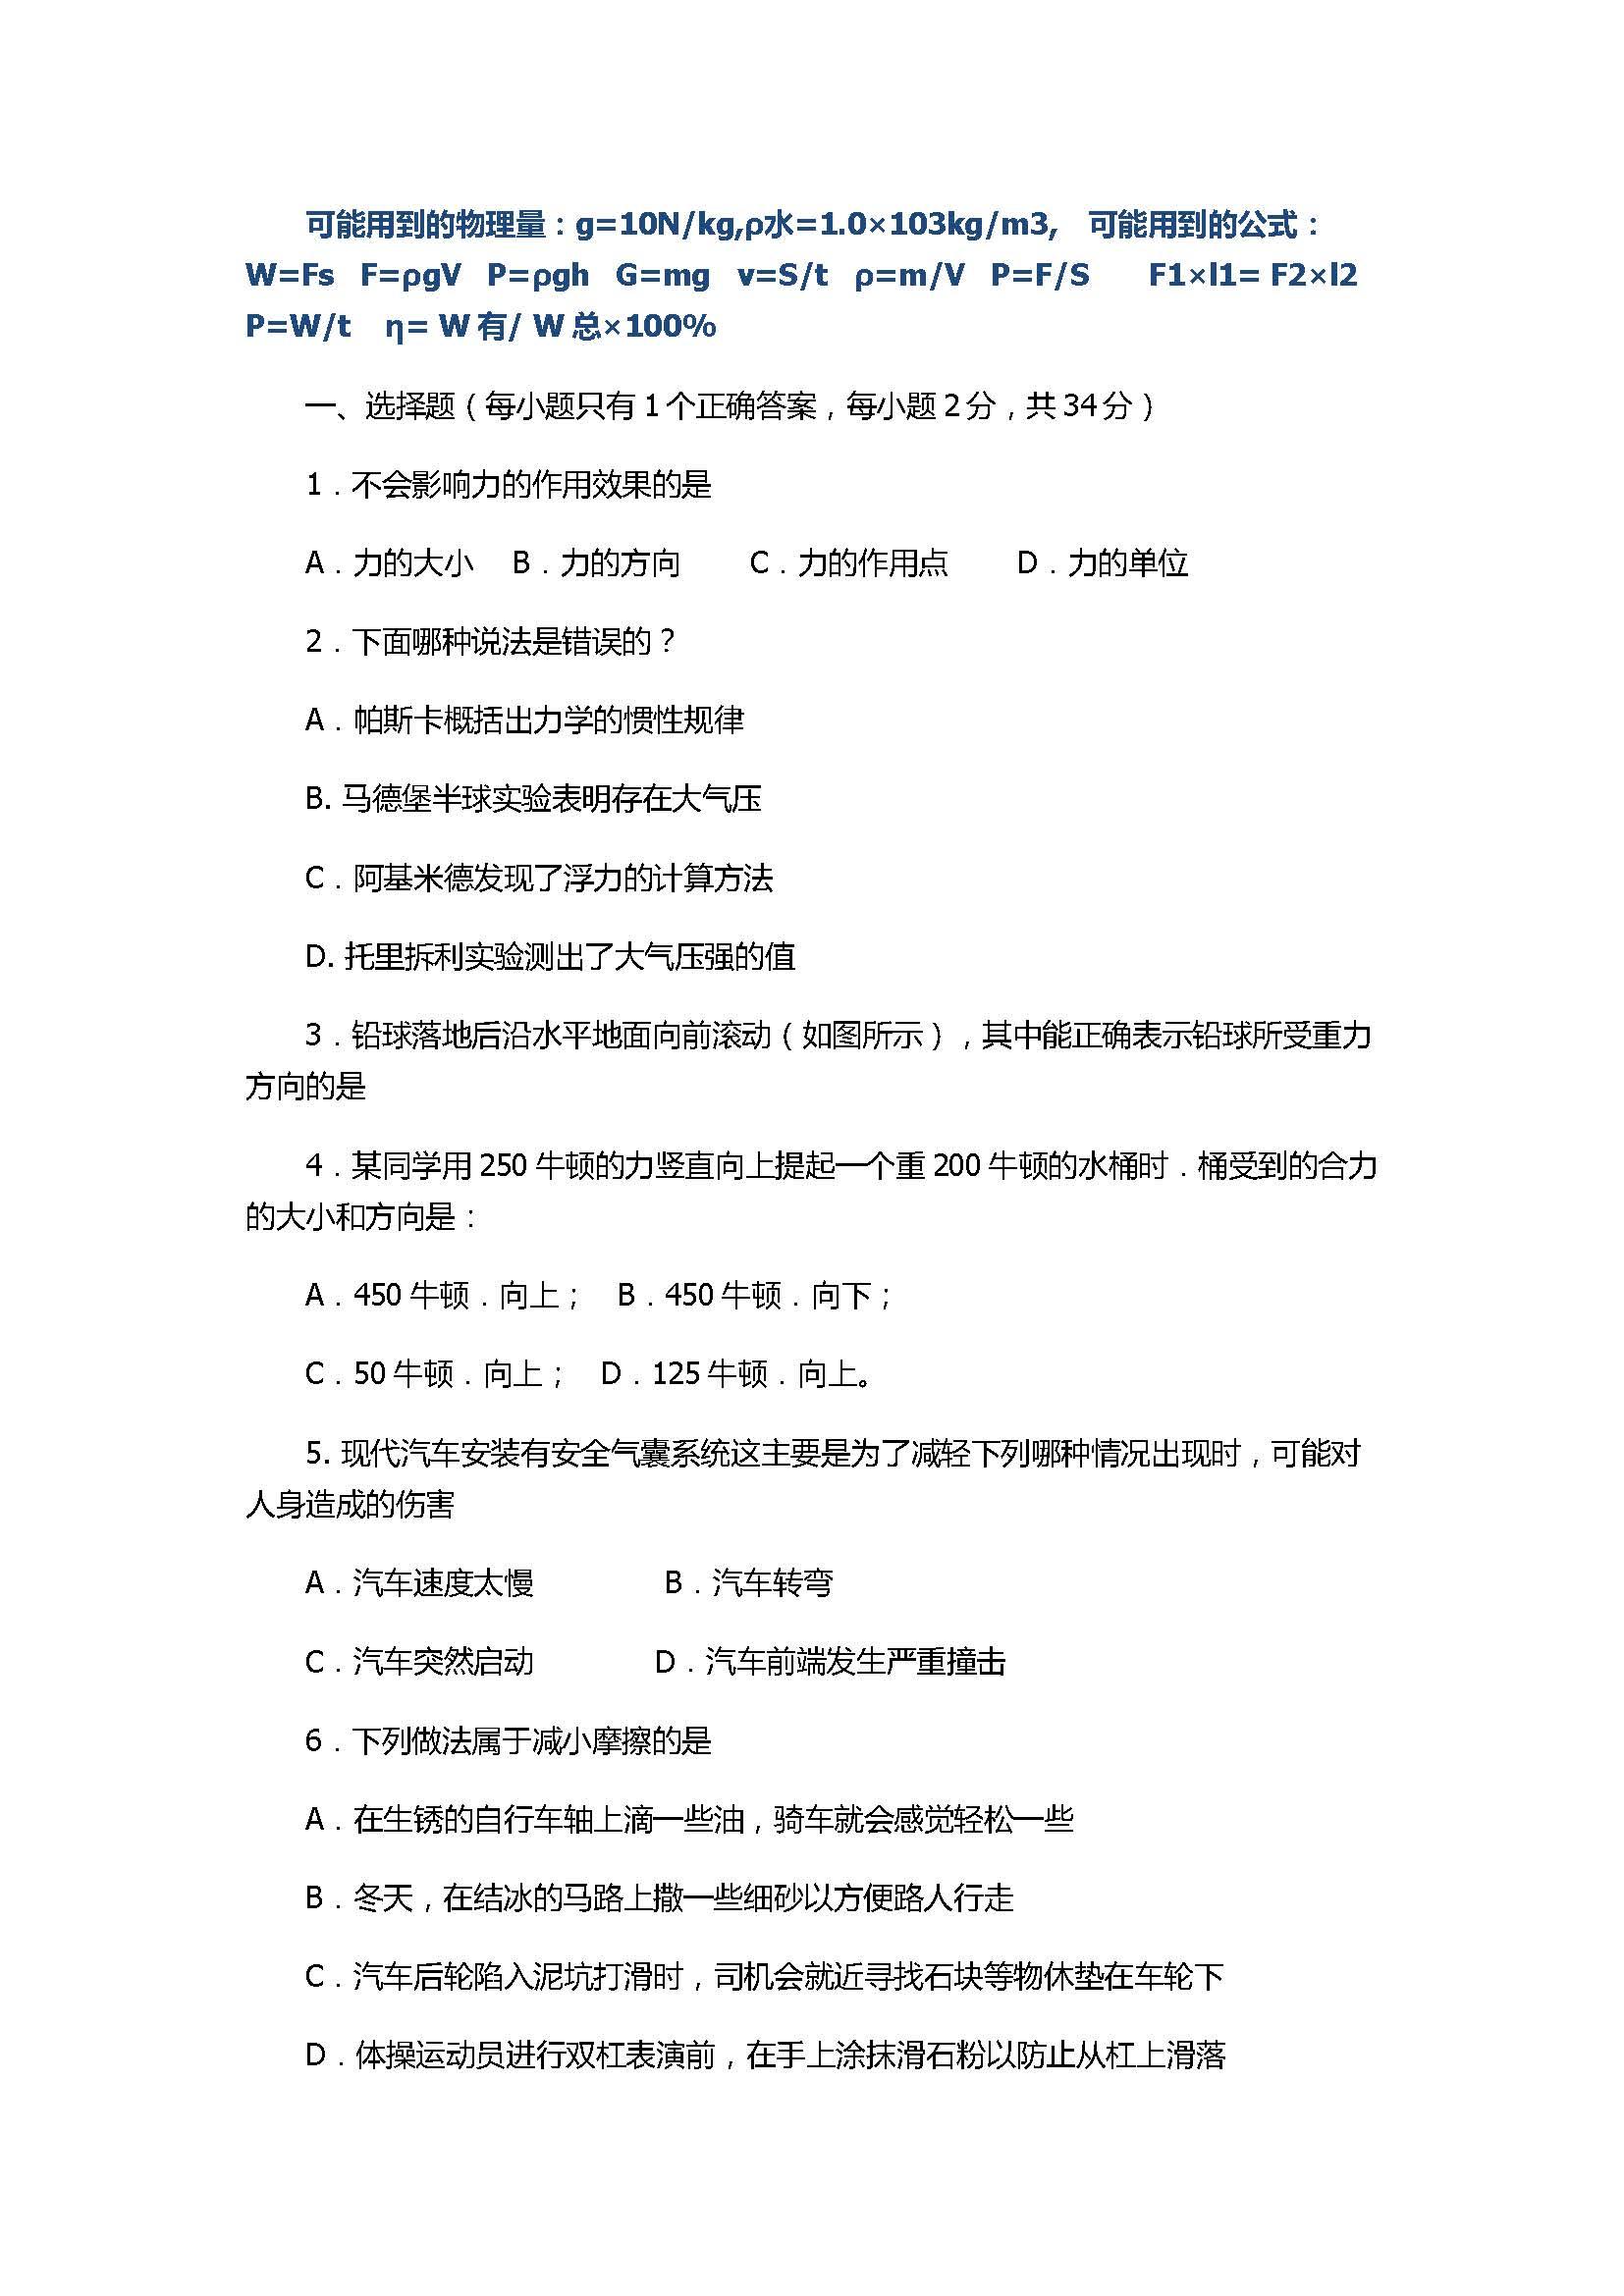 新人教版2017八年级物理下册期末试题含答案(湘潭市)